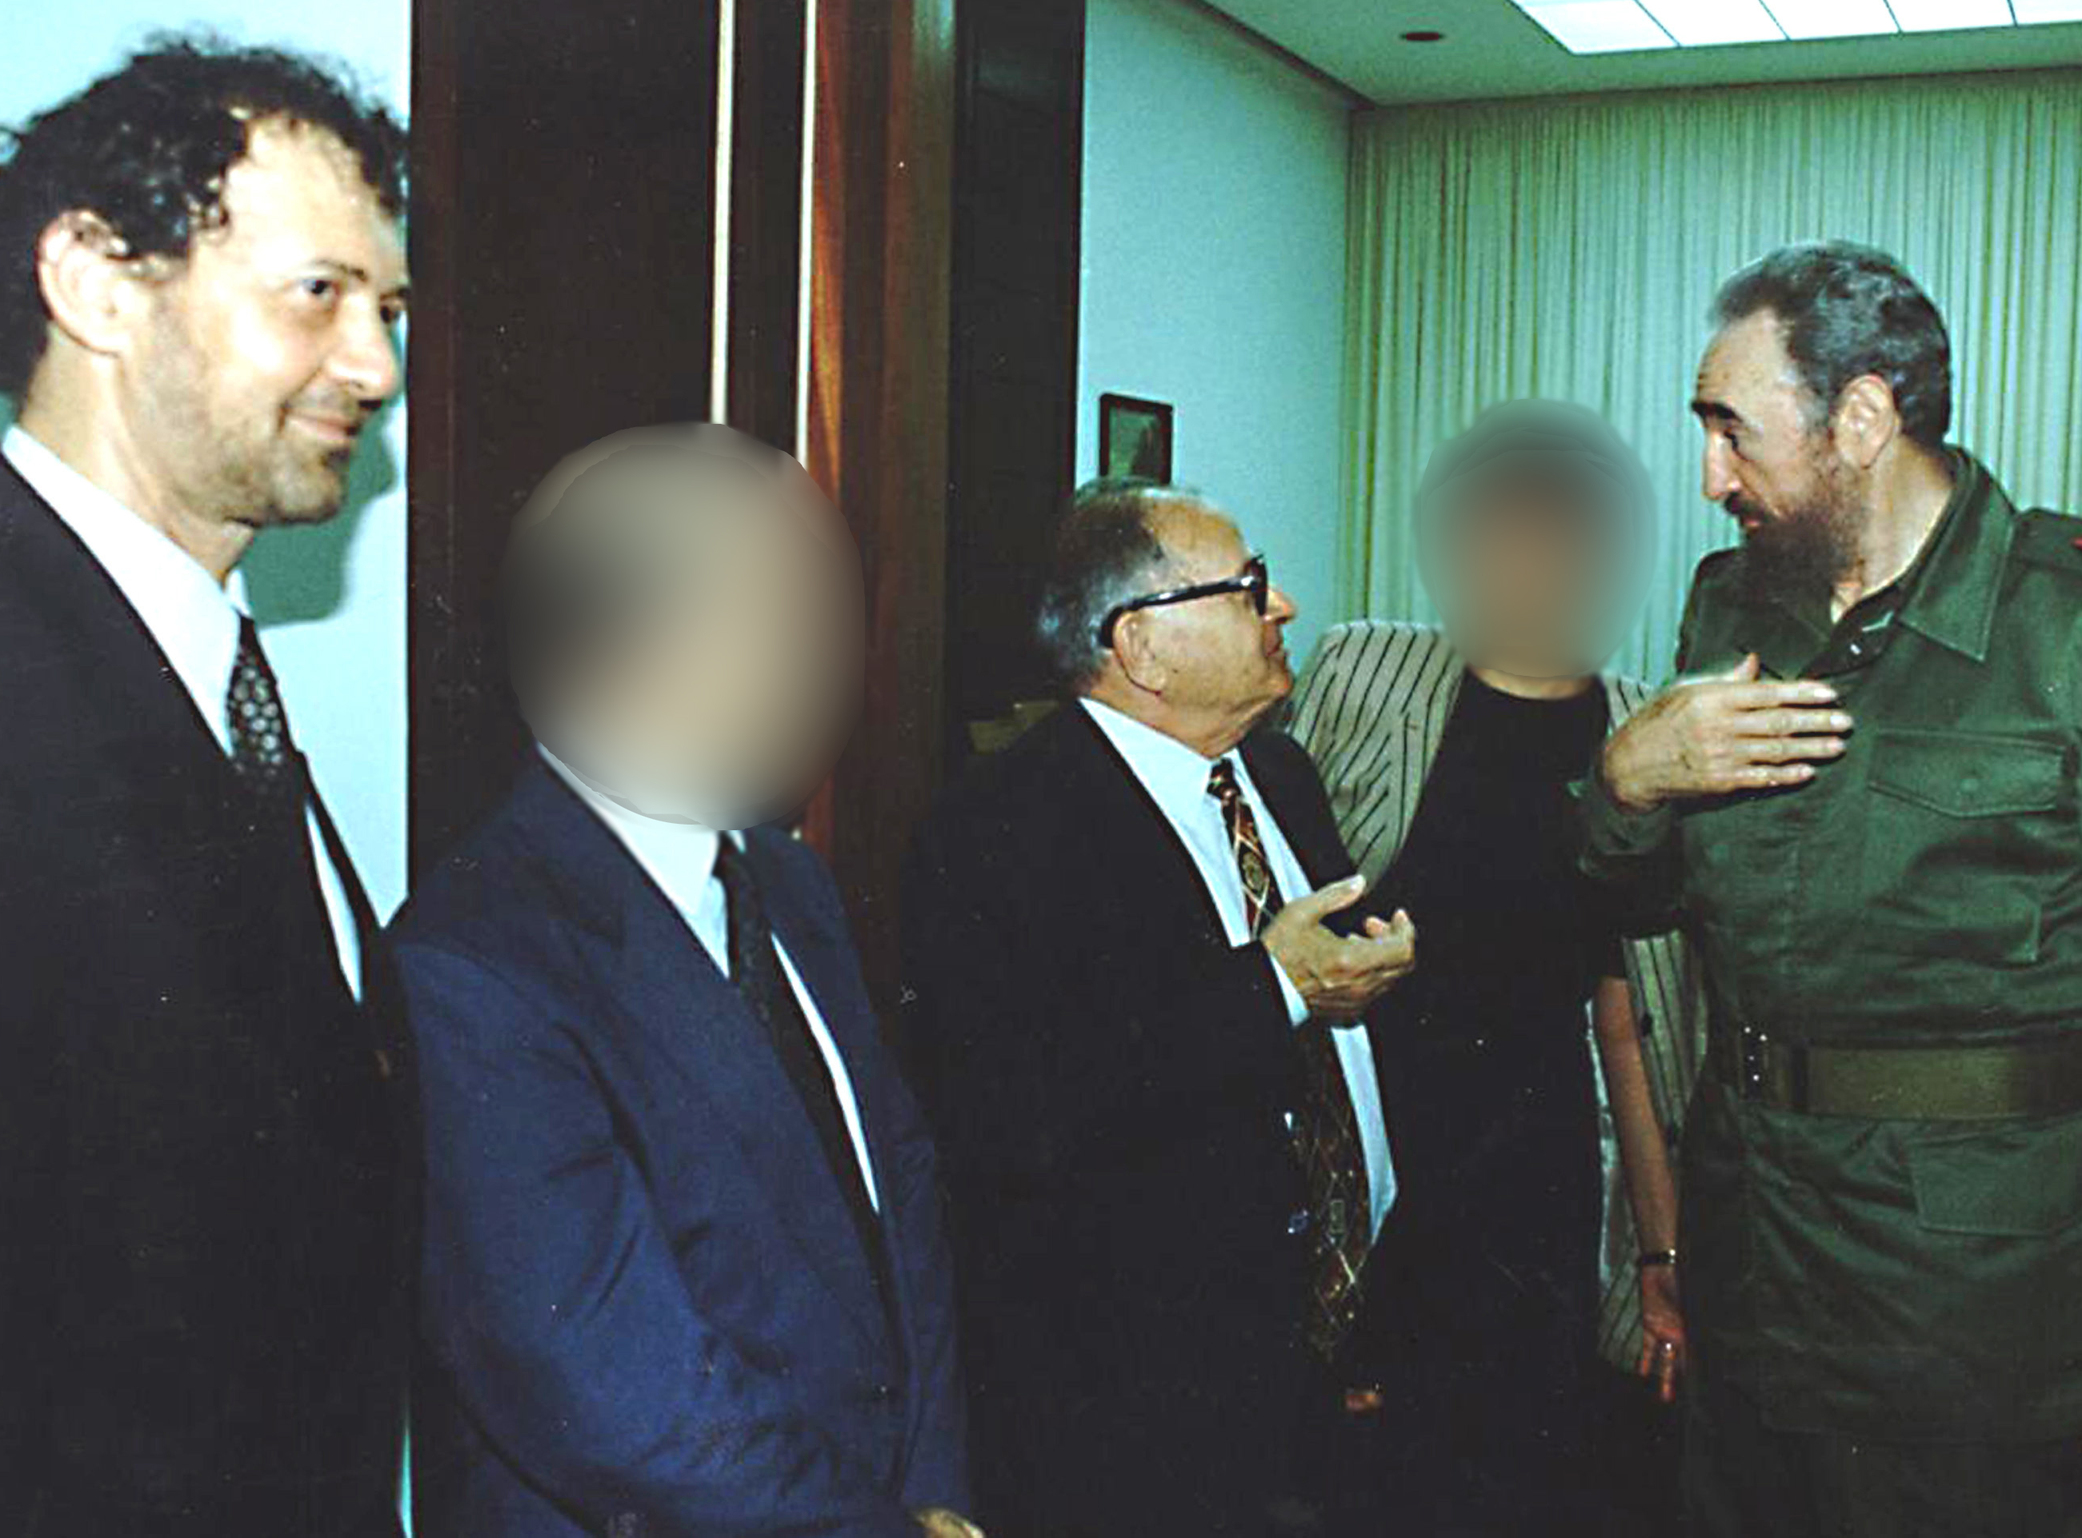 הוואנה, בשנות ה־90. פידל קסטרו (מימין) בפגישה עם רפי איתן (שלישי מימין) ואנריקה רוטנברג (משמאל)